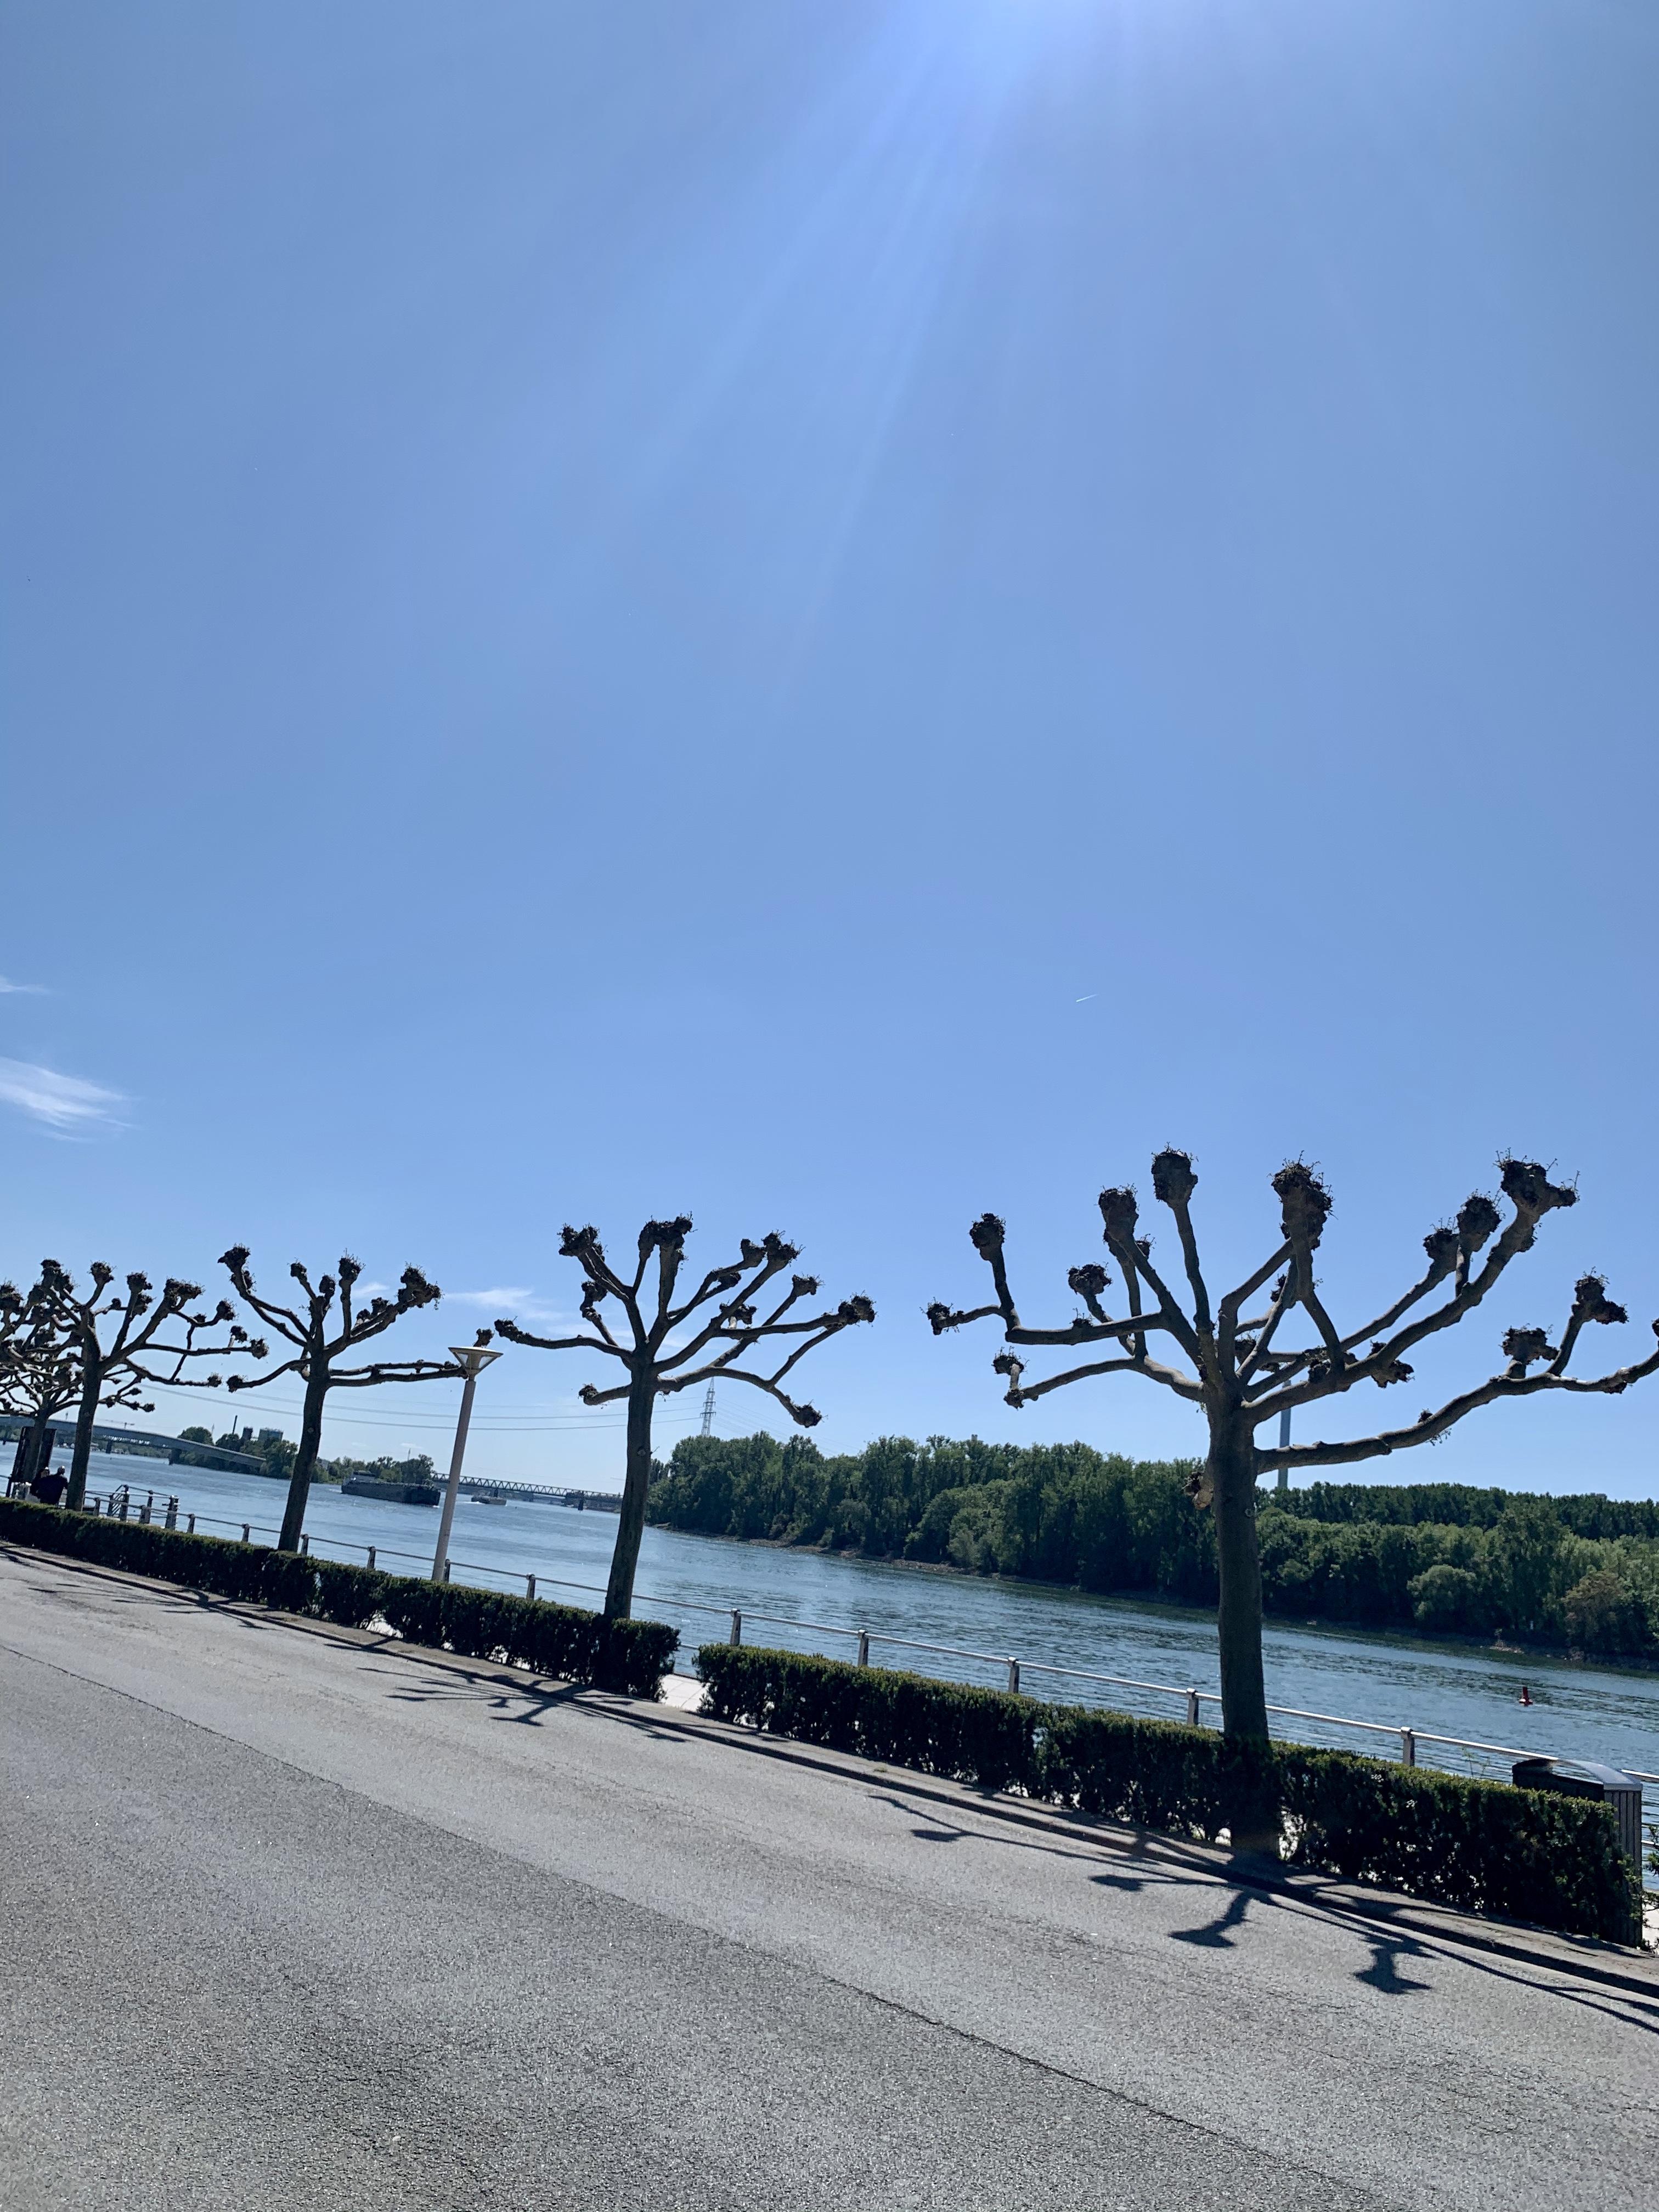 Wir reisen daheim: Meine Locationtipps für einen Kurzurlaub im Rhein-Main-Gebiet